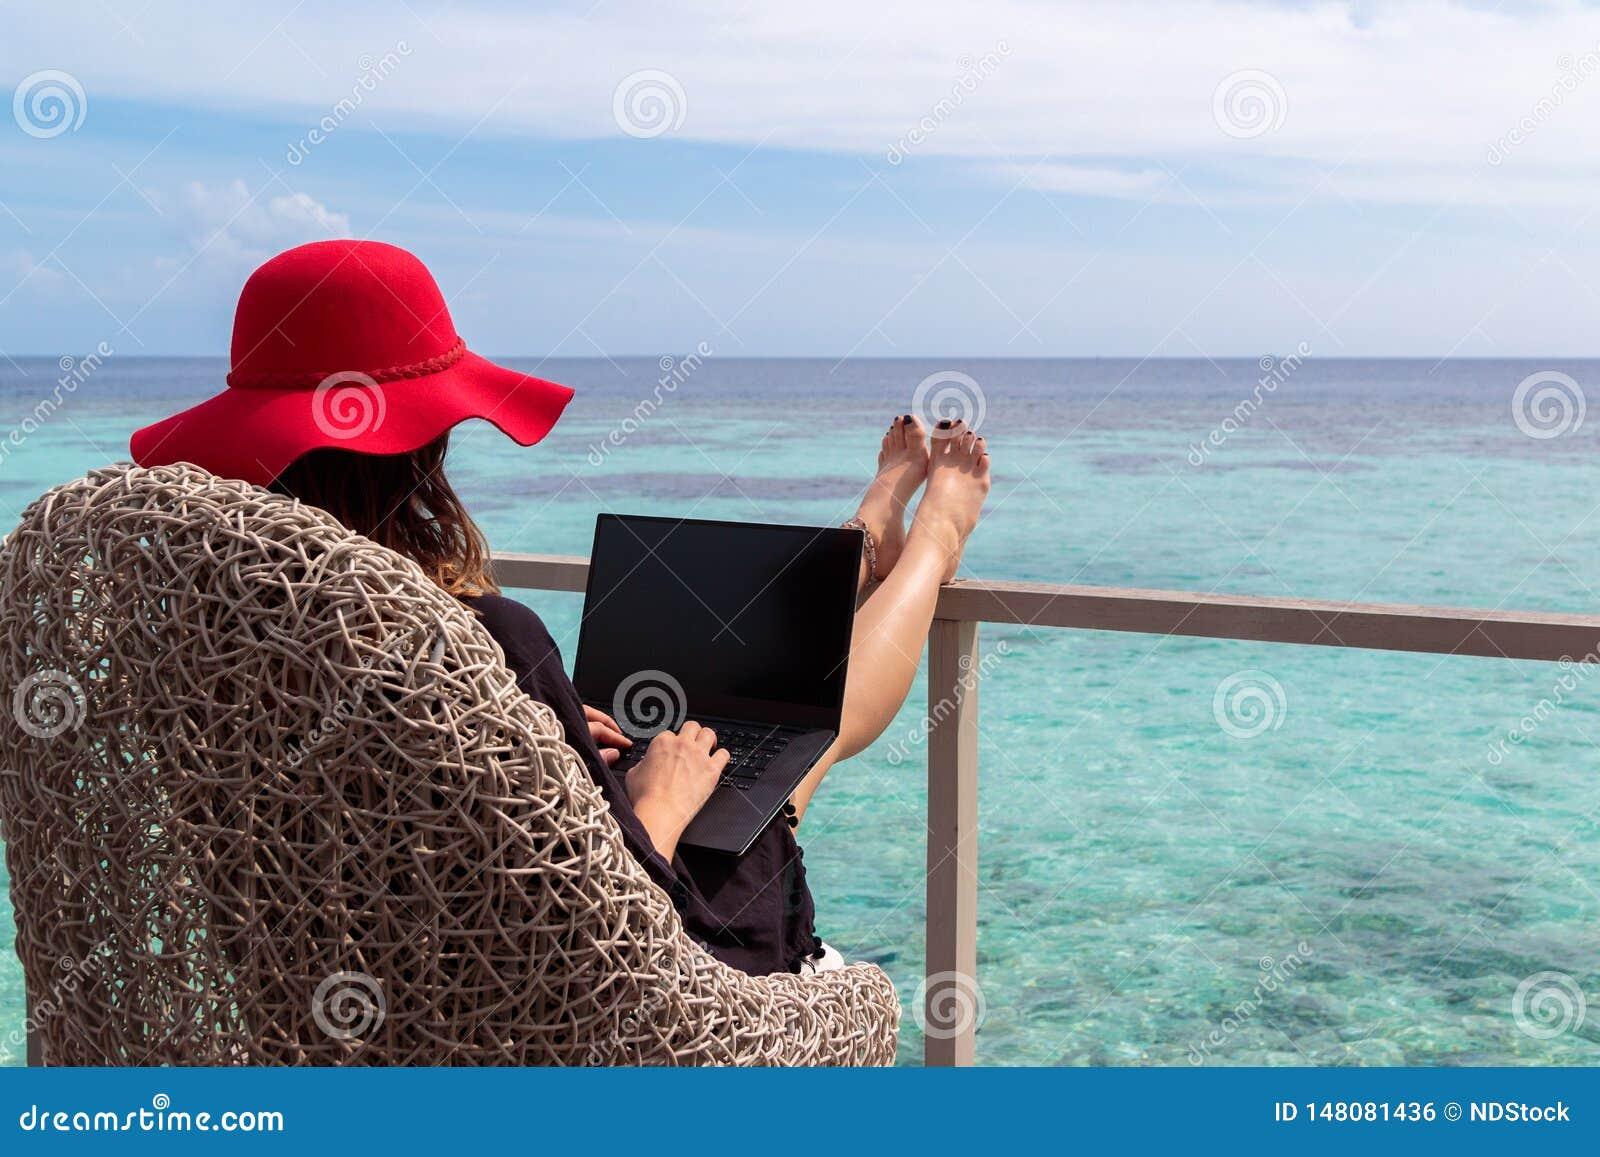 Junge Frau mit roter Hutfunktion auf einem Computer in einem tropischen Bestimmungsort